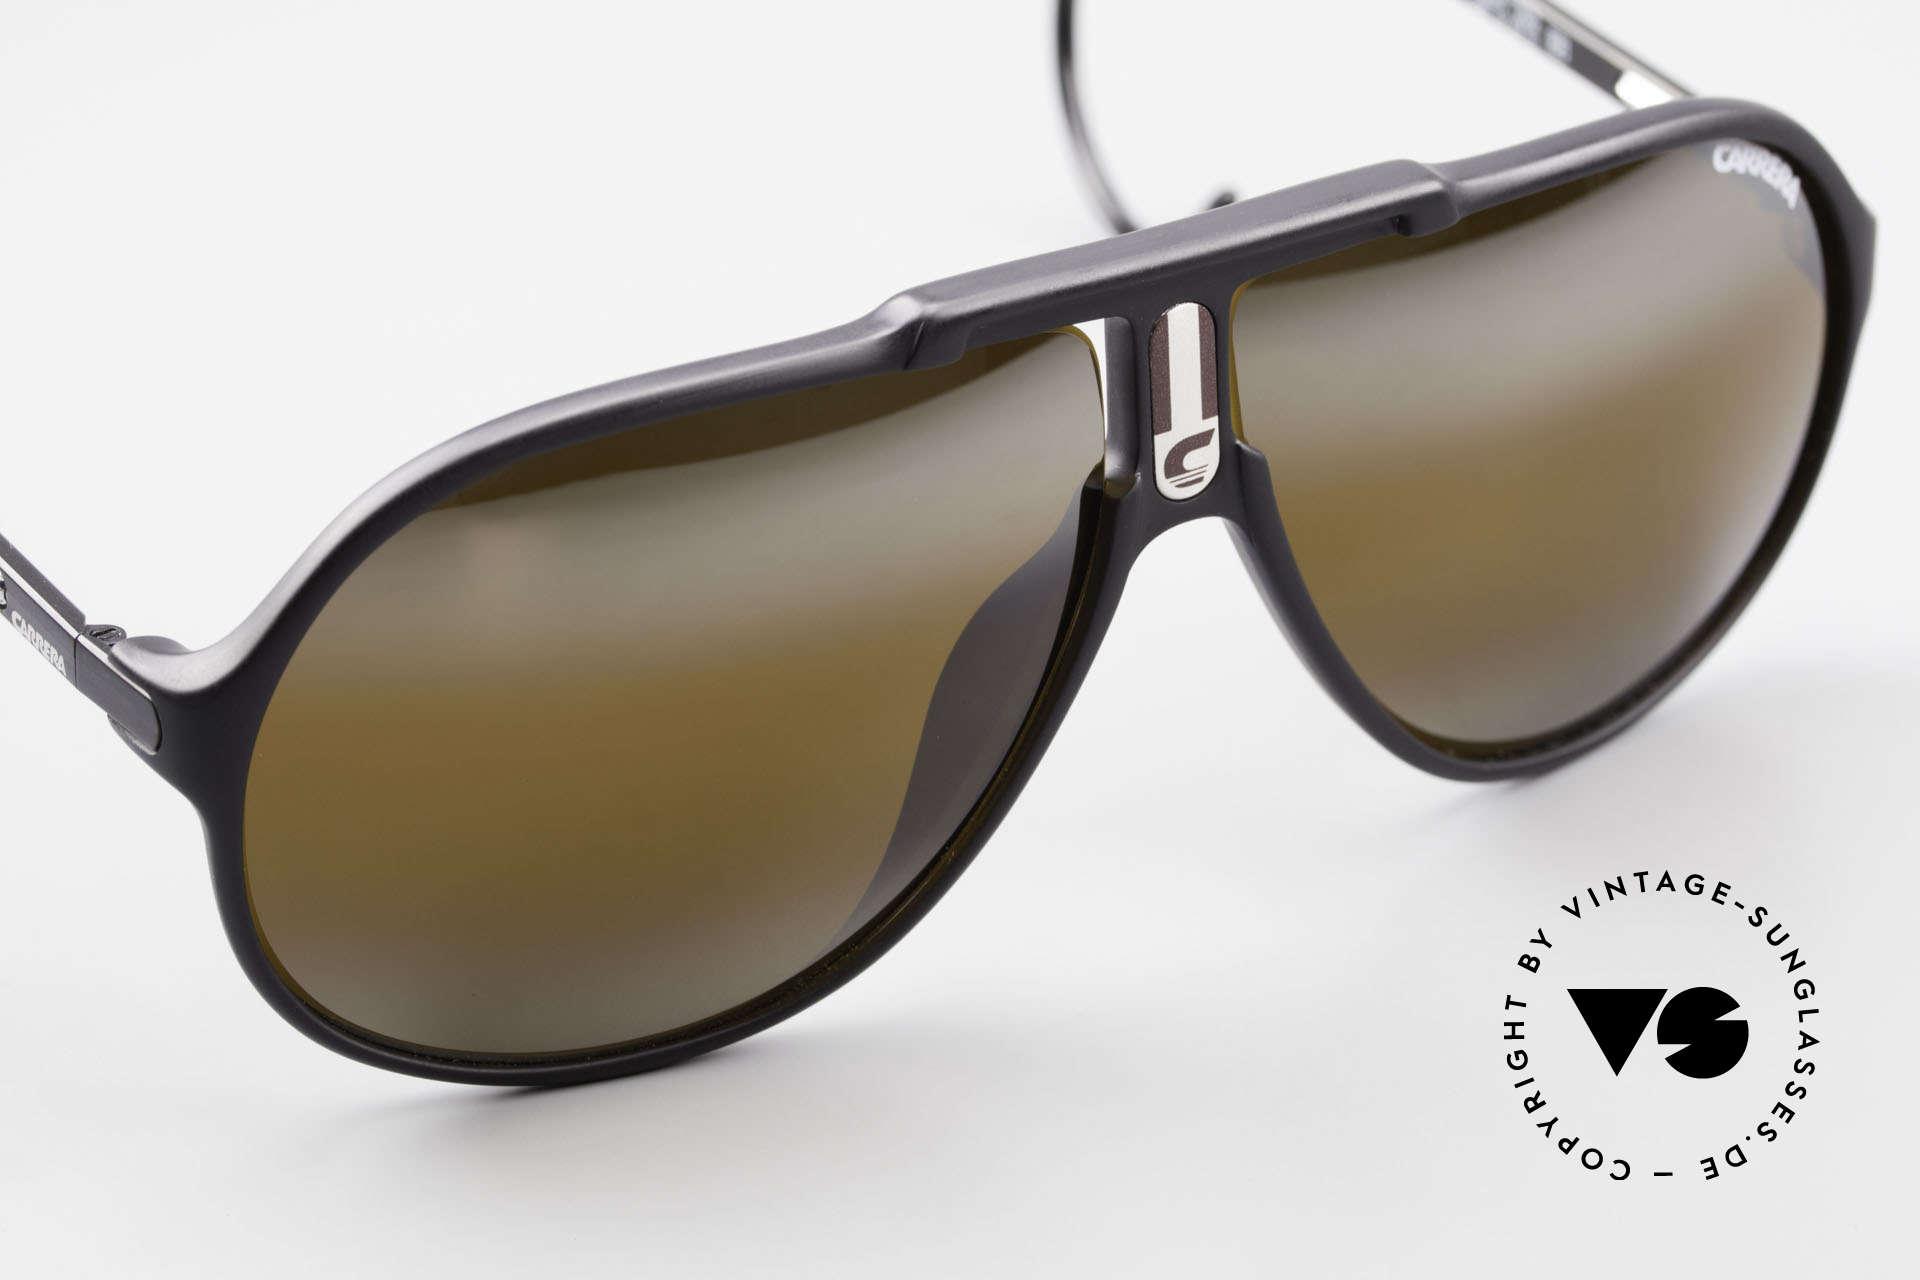 Carrera 5590 Verspiegelt Vario Sportbügel, ungetragen (wie alle unsere 80er Carrera Sonnenbrillen), Passend für Herren